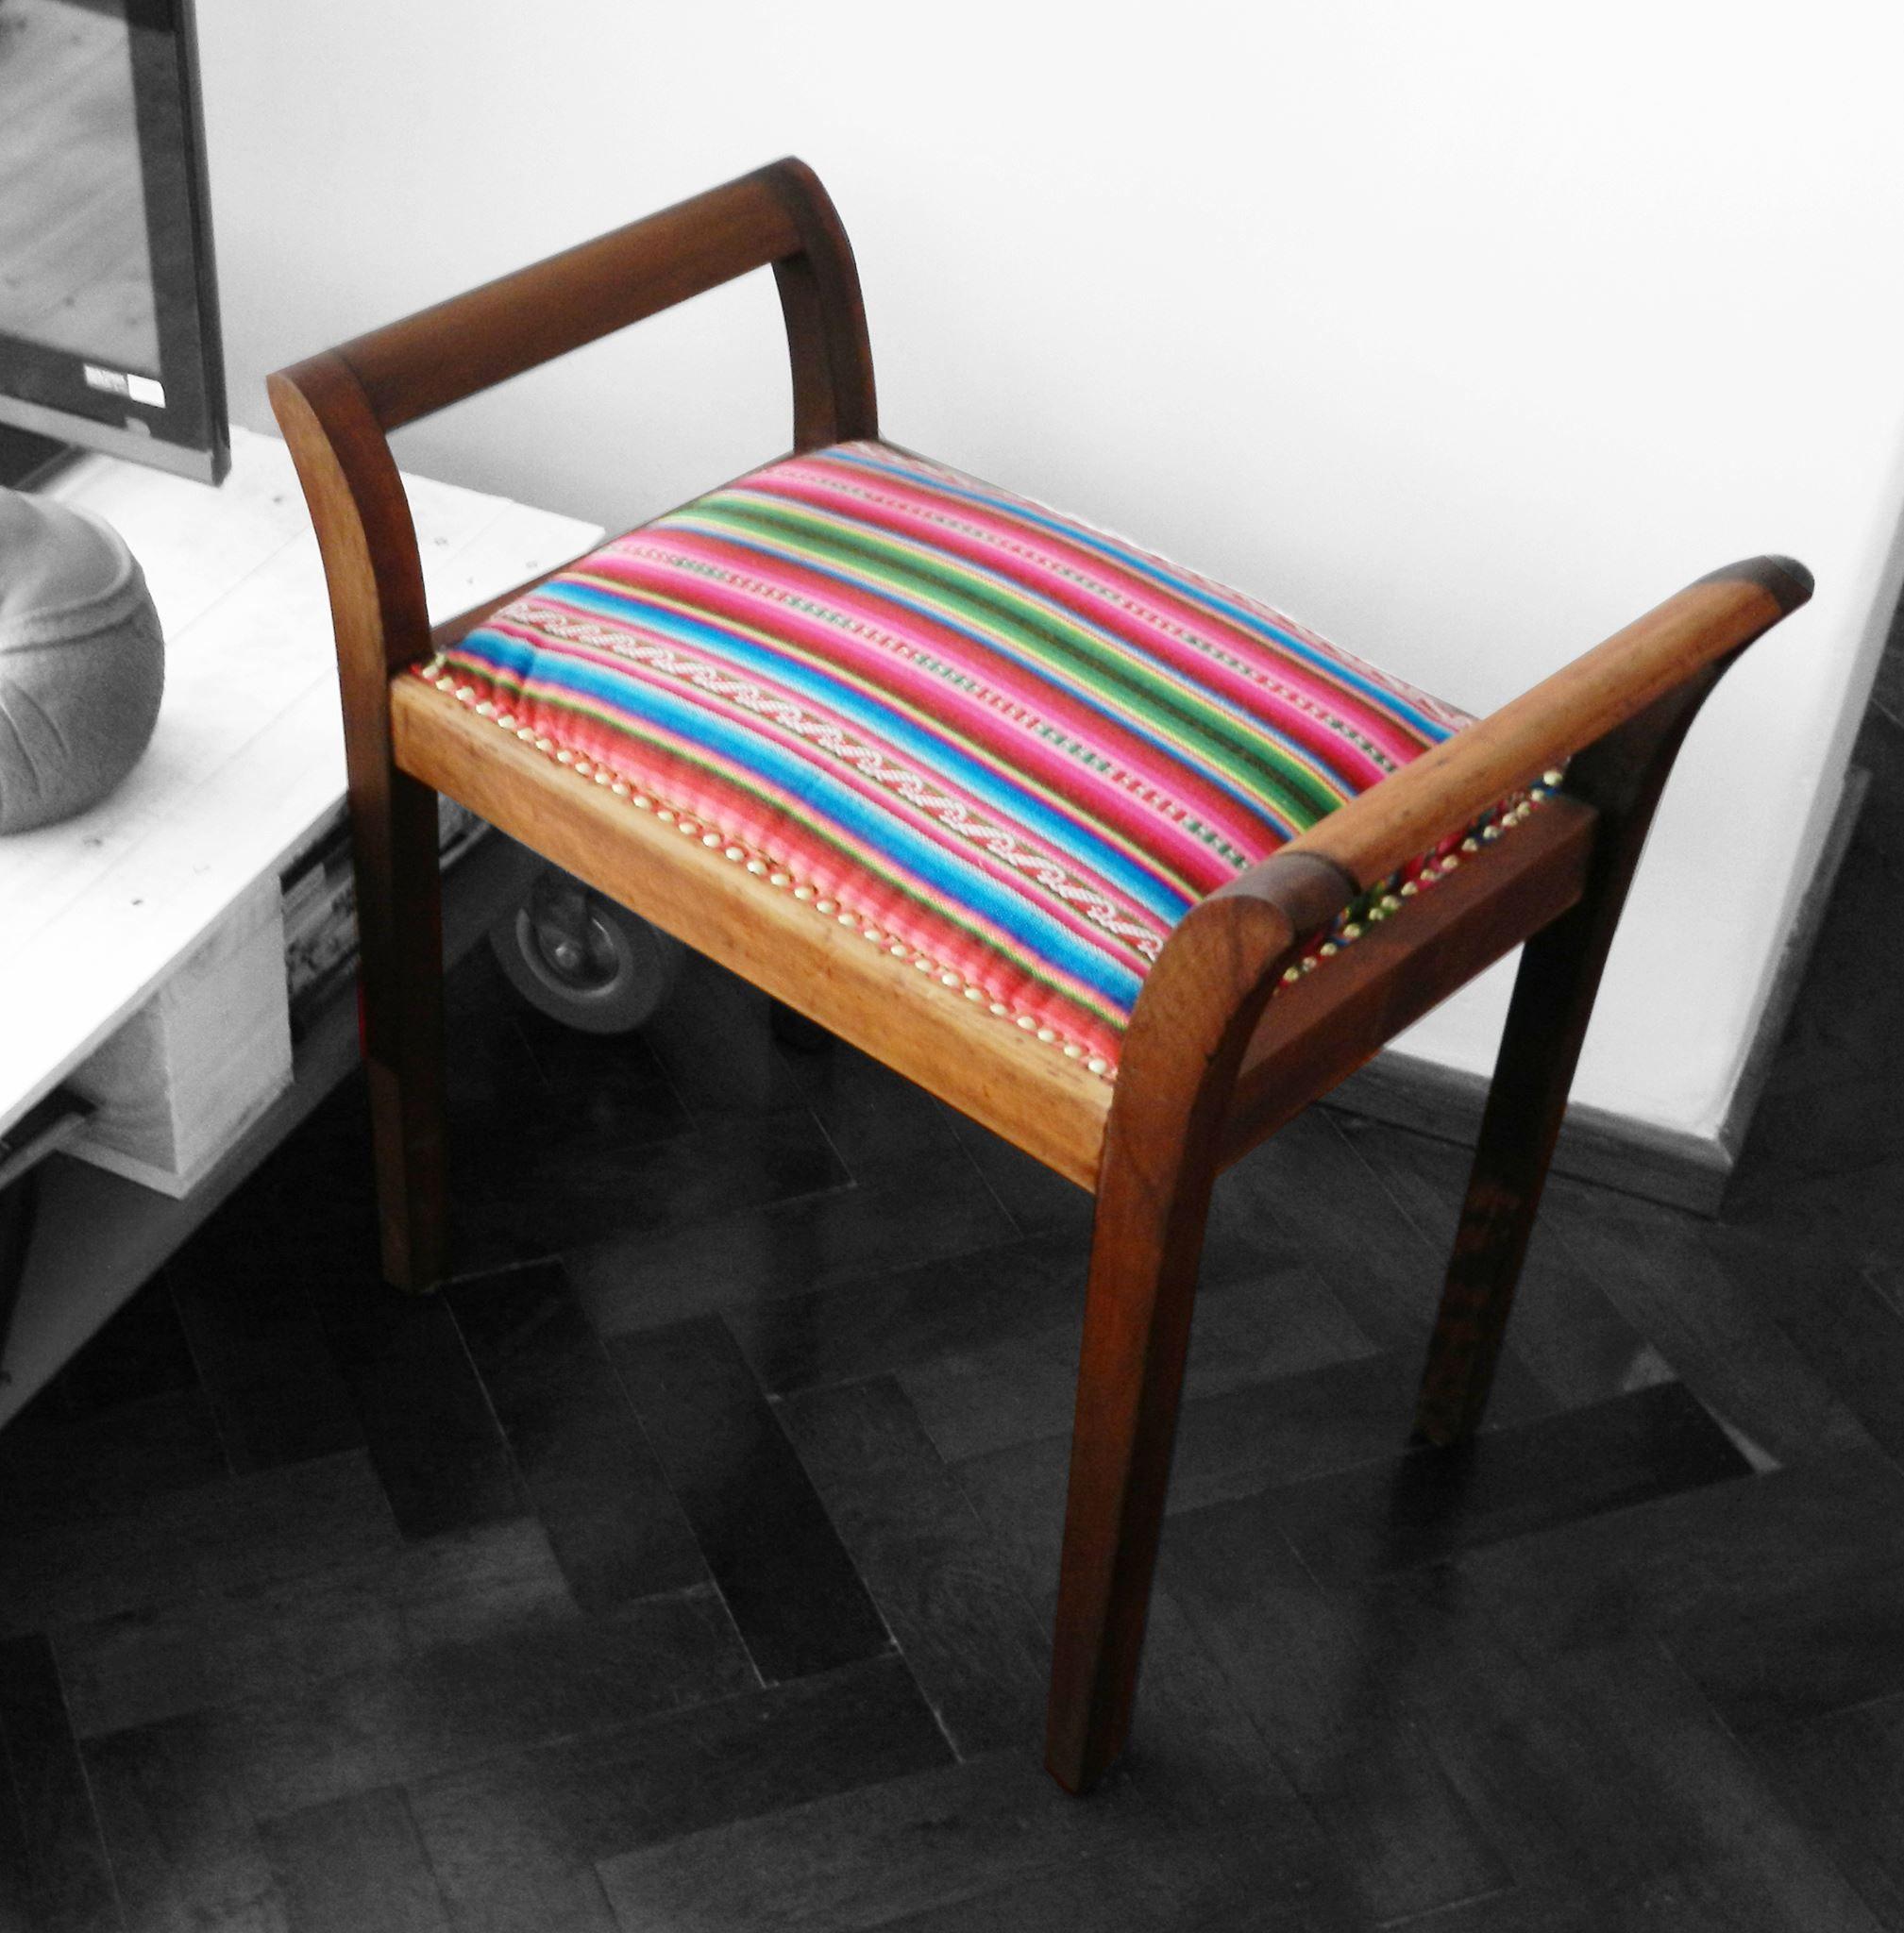 Vendida Banqueta Antigua Madera Y Aguayo Original Boliviano  # Muebles Reciclados Originales